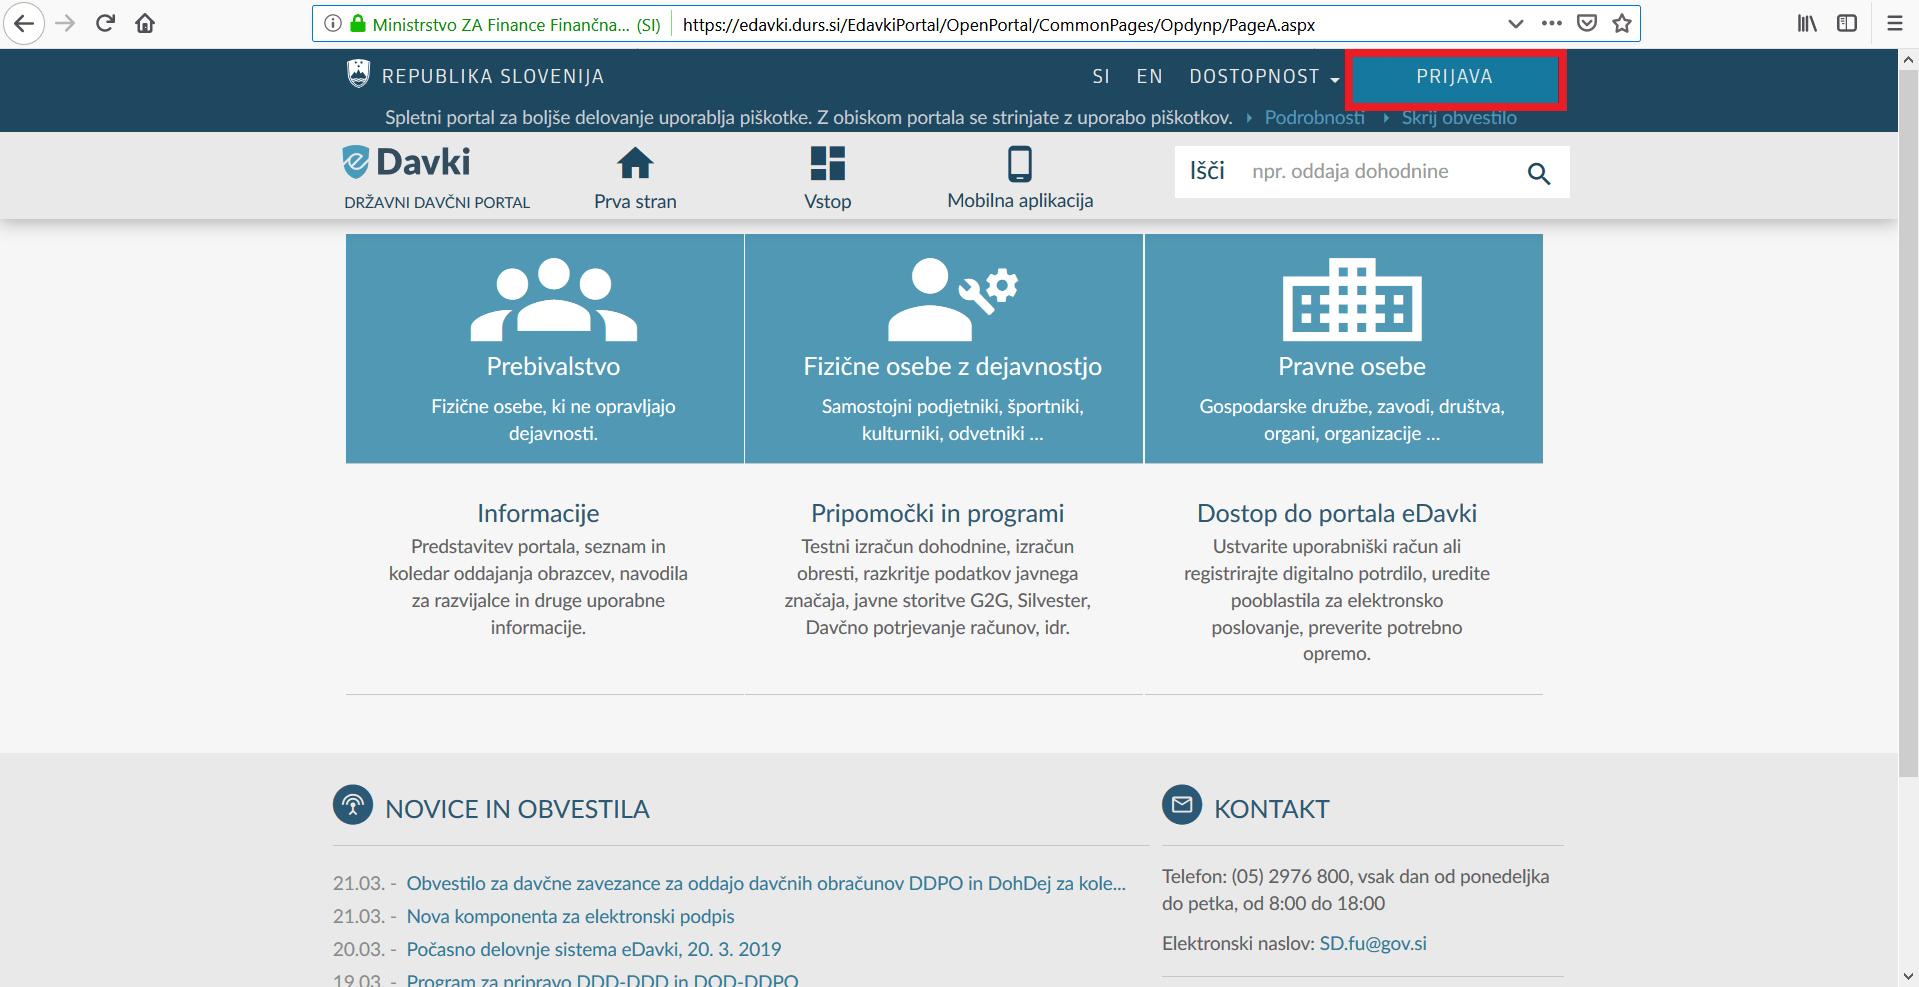 Kako dostopati do portala eDavki?